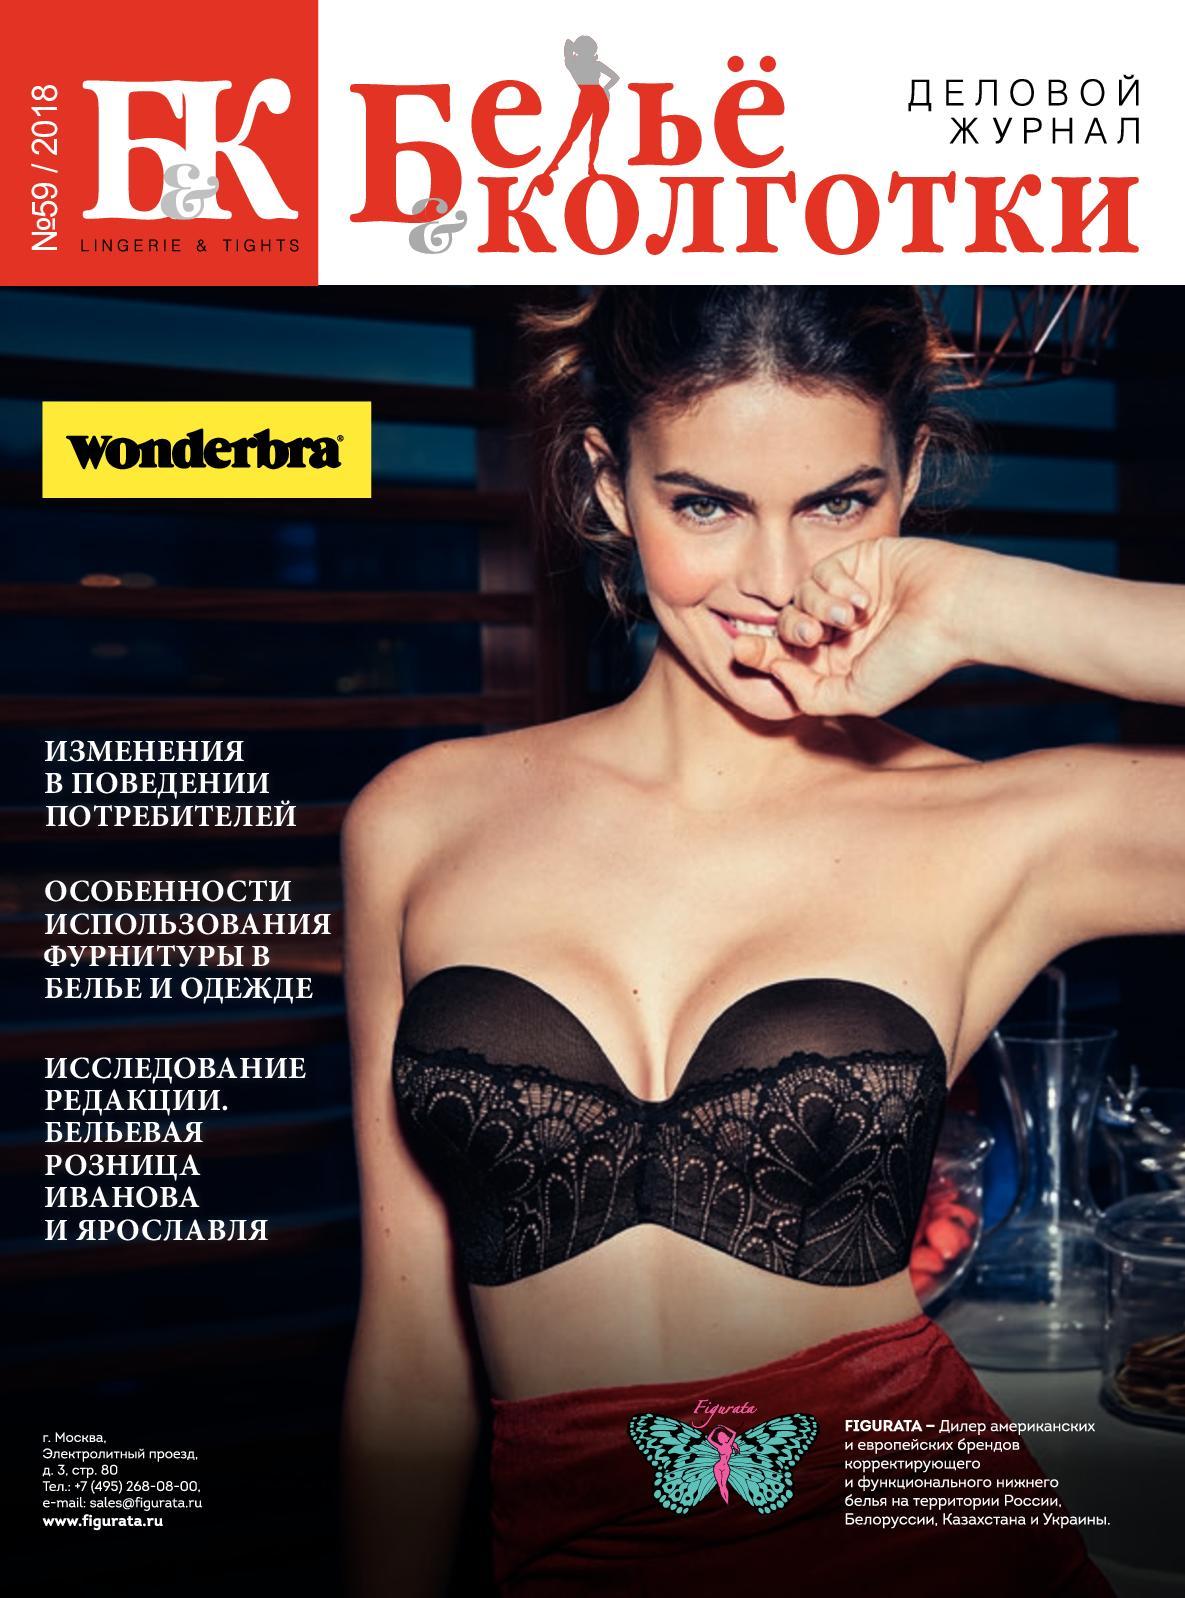 Calaméo - Российский деловой журнал «Белье и колготки» № 59 5f8e88f629f